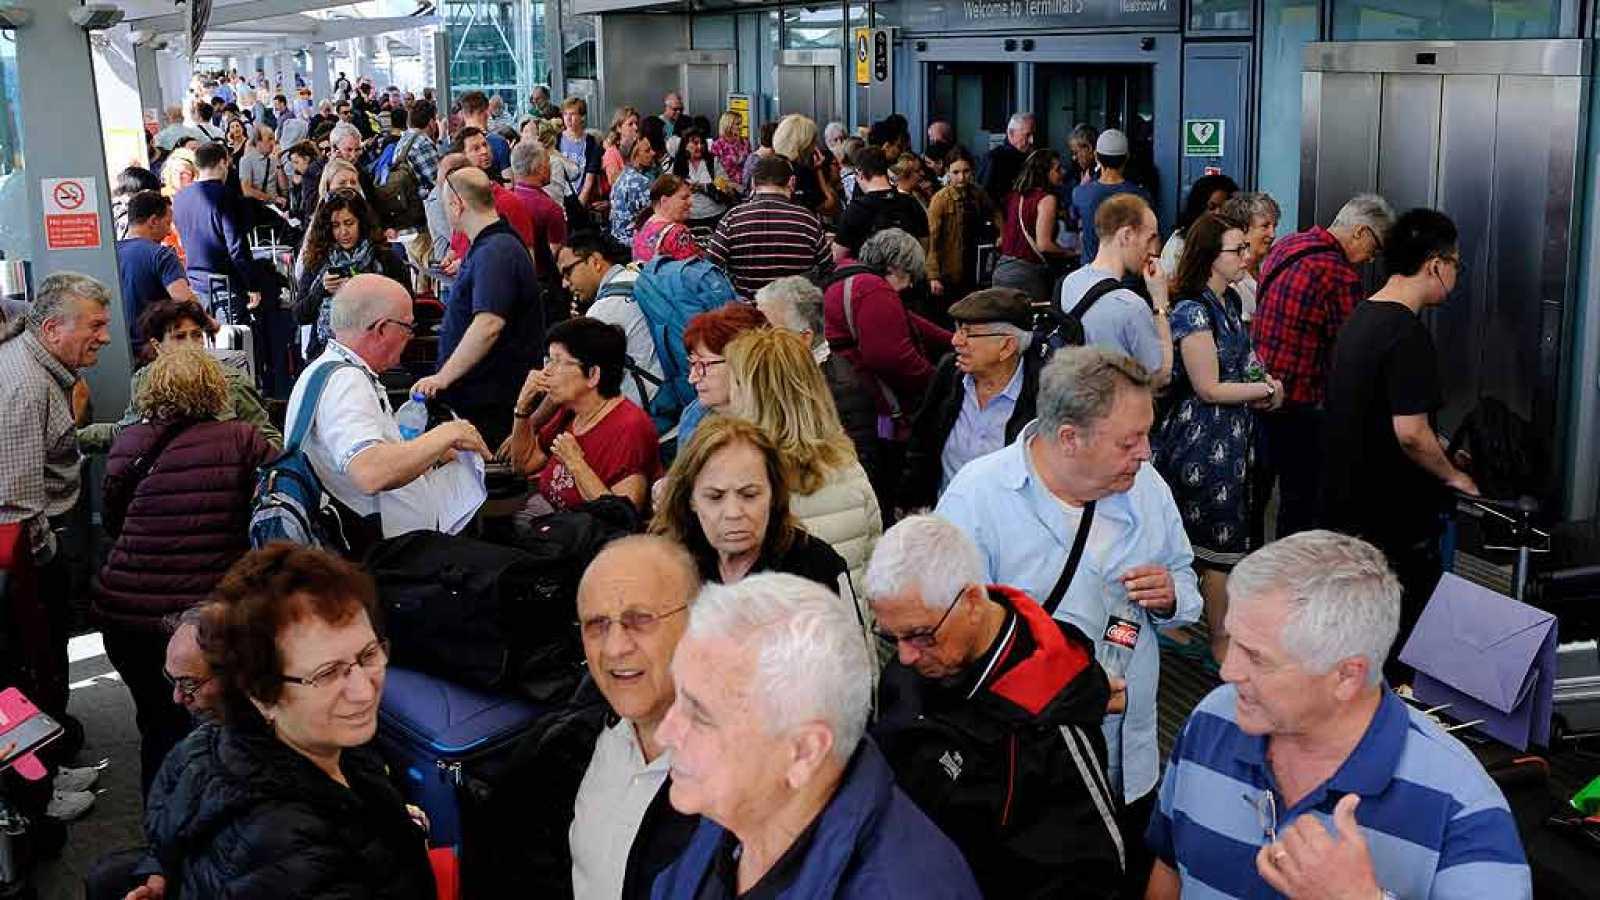 Un fallo informático provoca retrasos a nivel mundial en los vuelos de British Airways